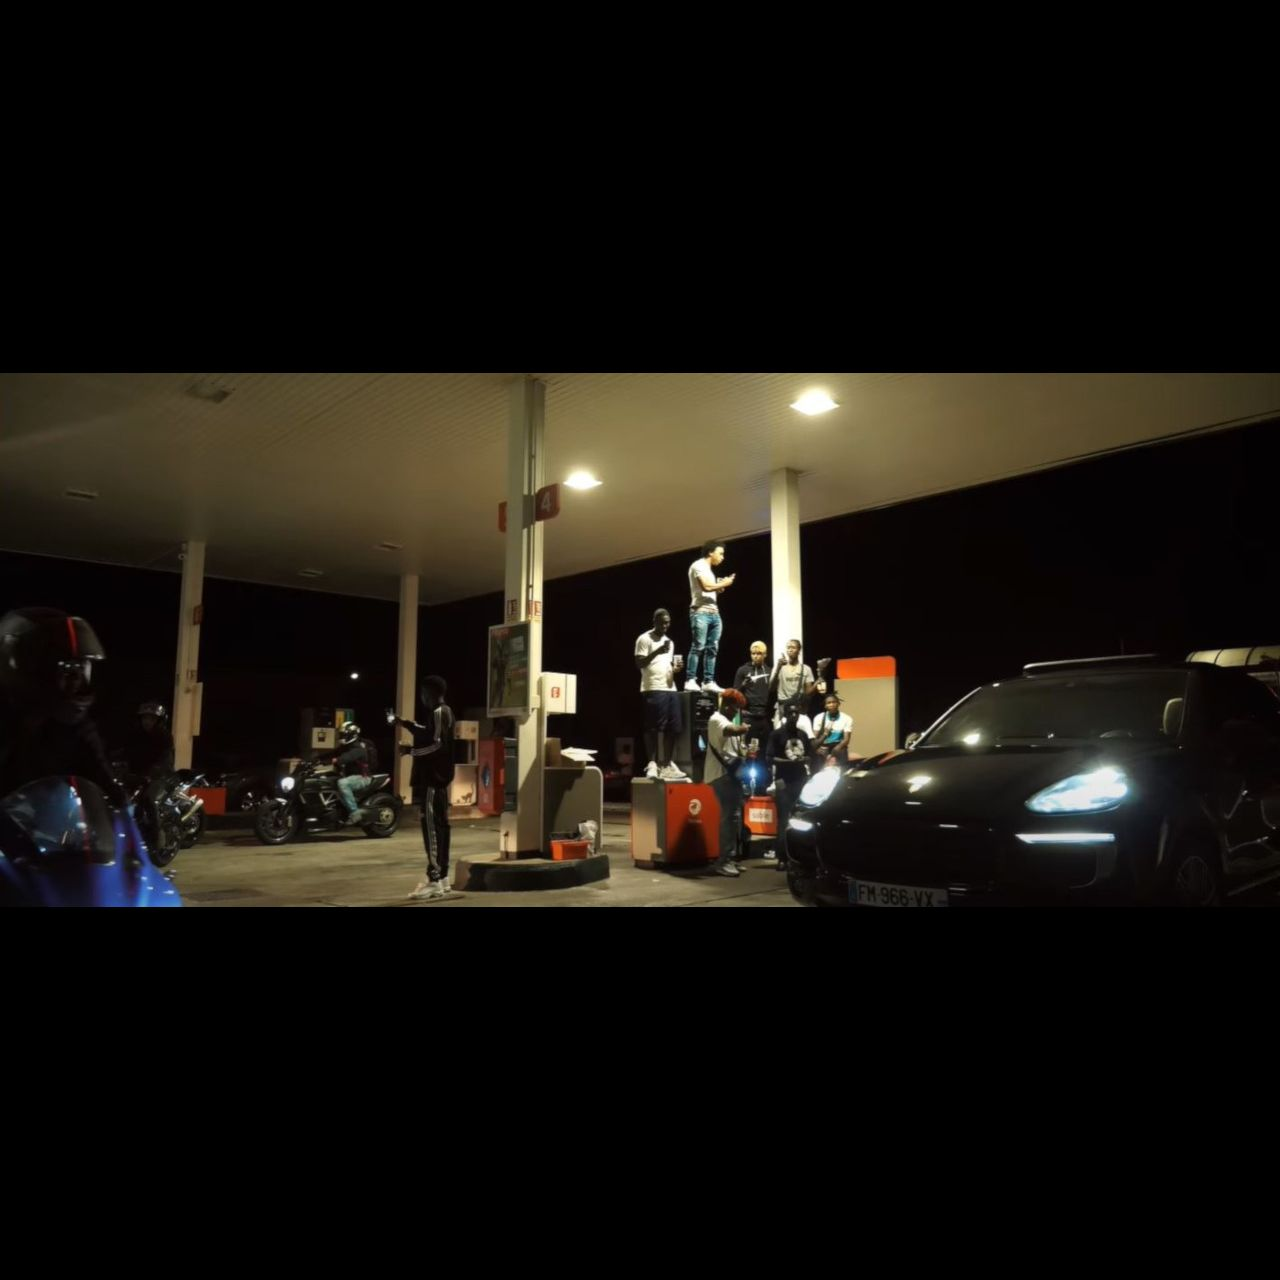 Lesnah - OG freestyle (Thumbnail)